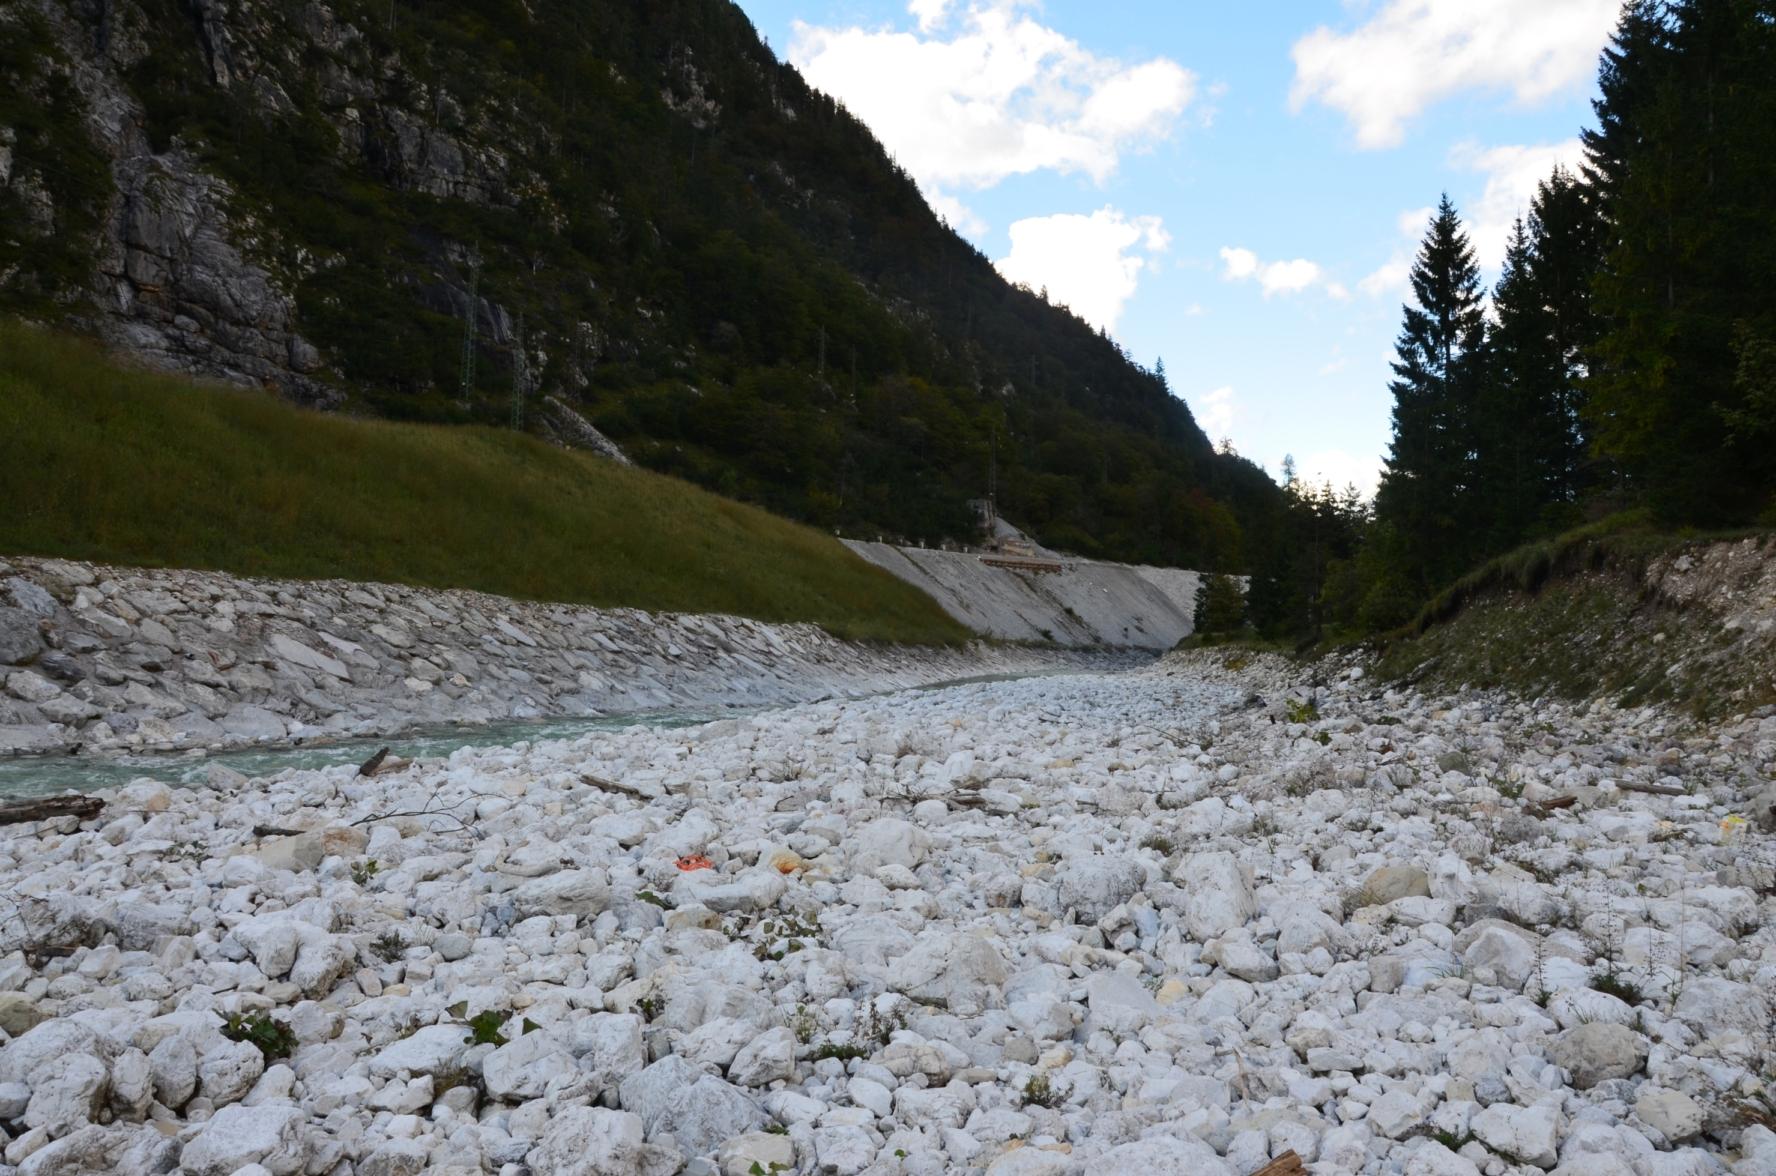 Vodohospodářská úprava horského toku Rio Lago (900 m n. m.) za osadou Cave del Predil, (Foto: K.K.)